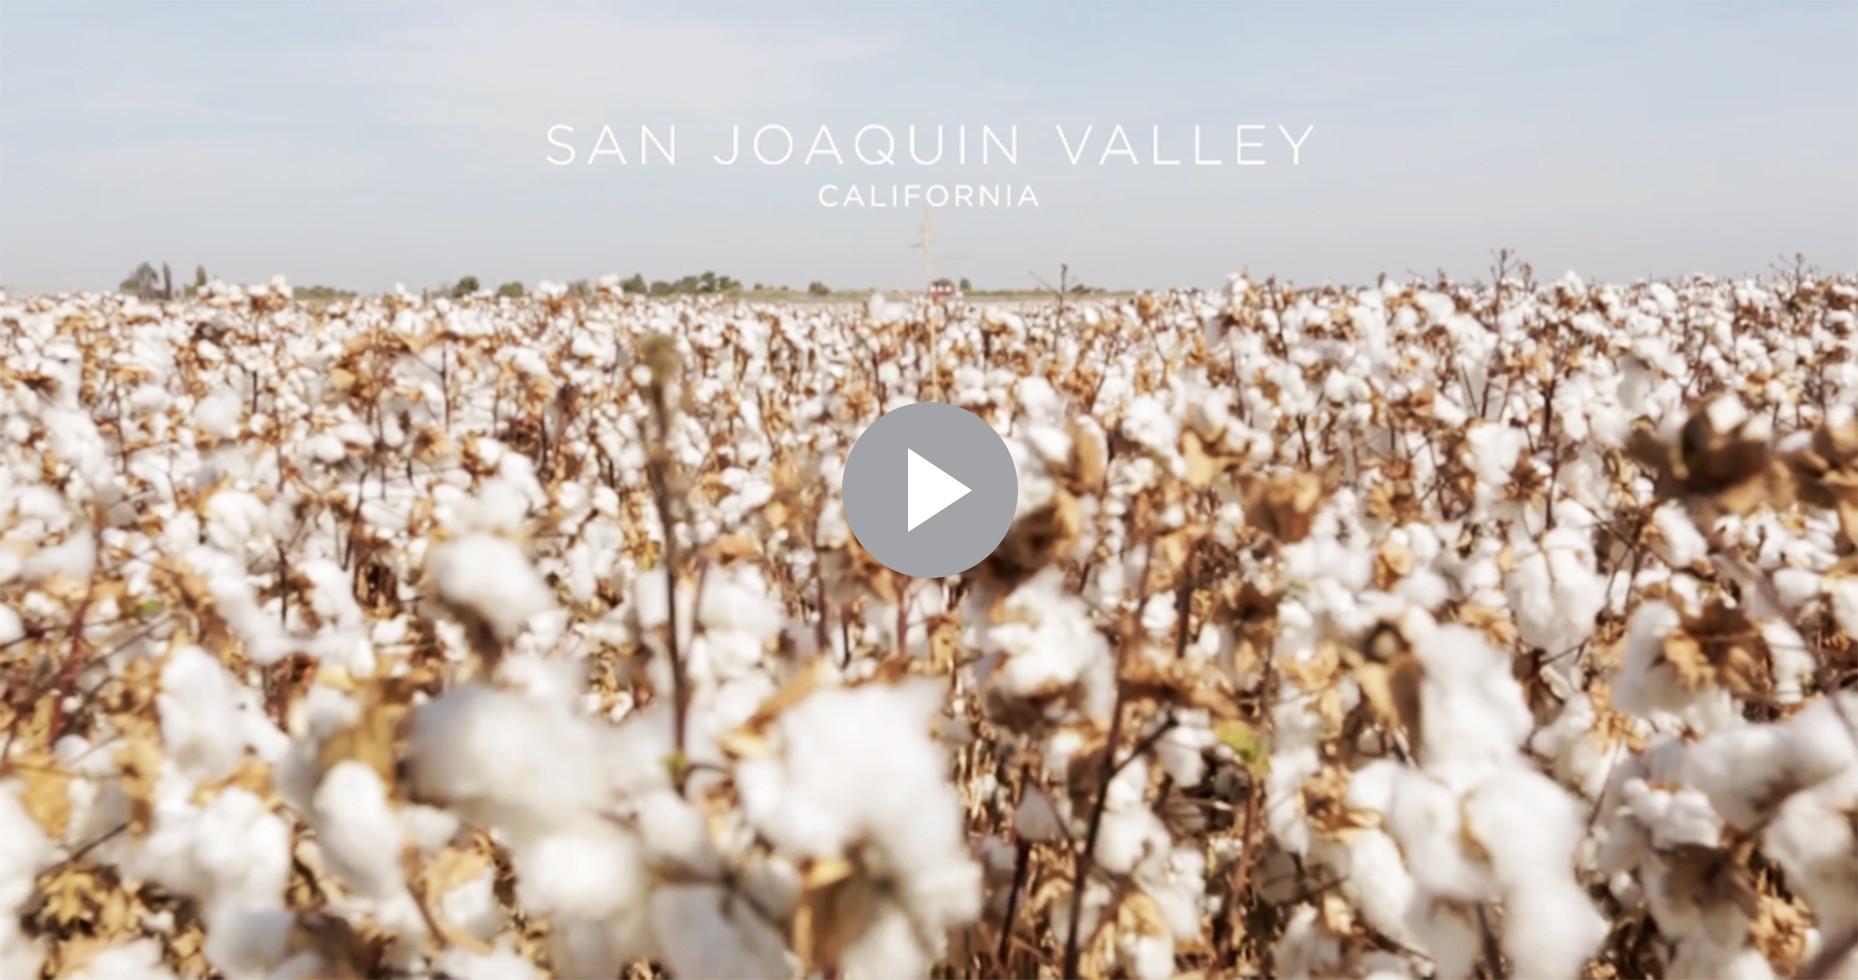 San Joaquin Valley Cotton Field